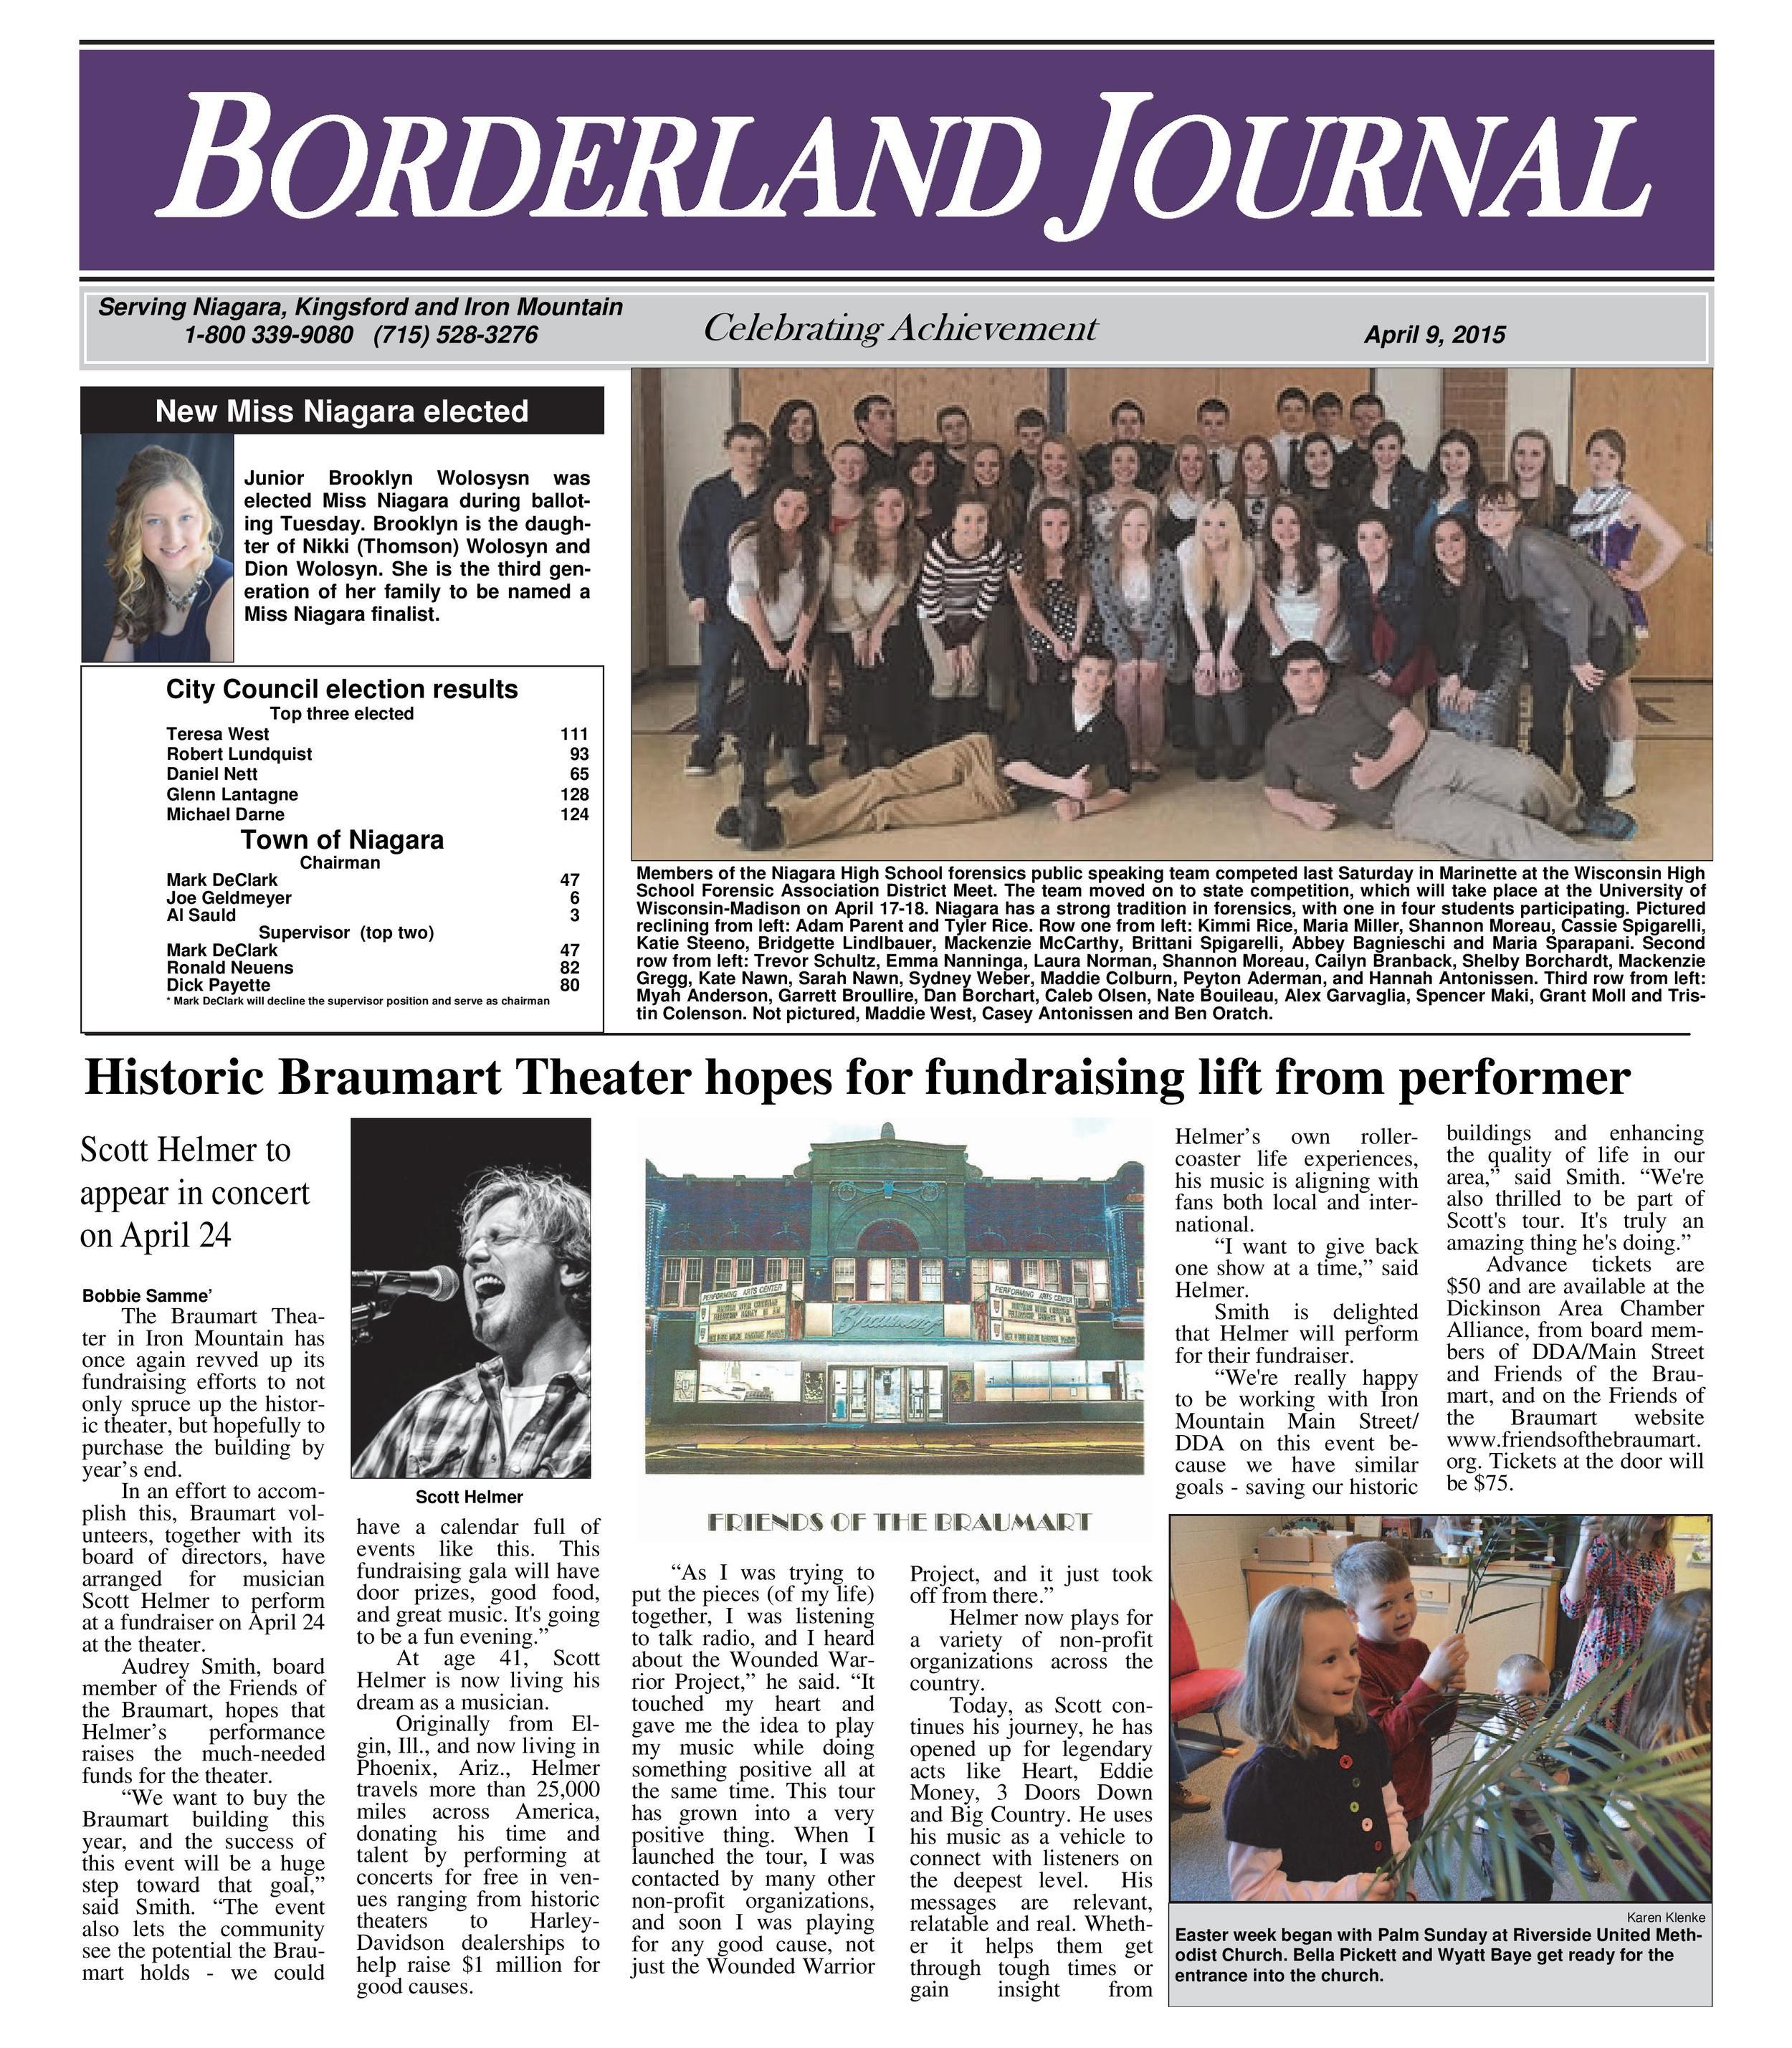 Historic Braumart Theatre hopes for fundrasising lift from Scott Helmer Concert Tour